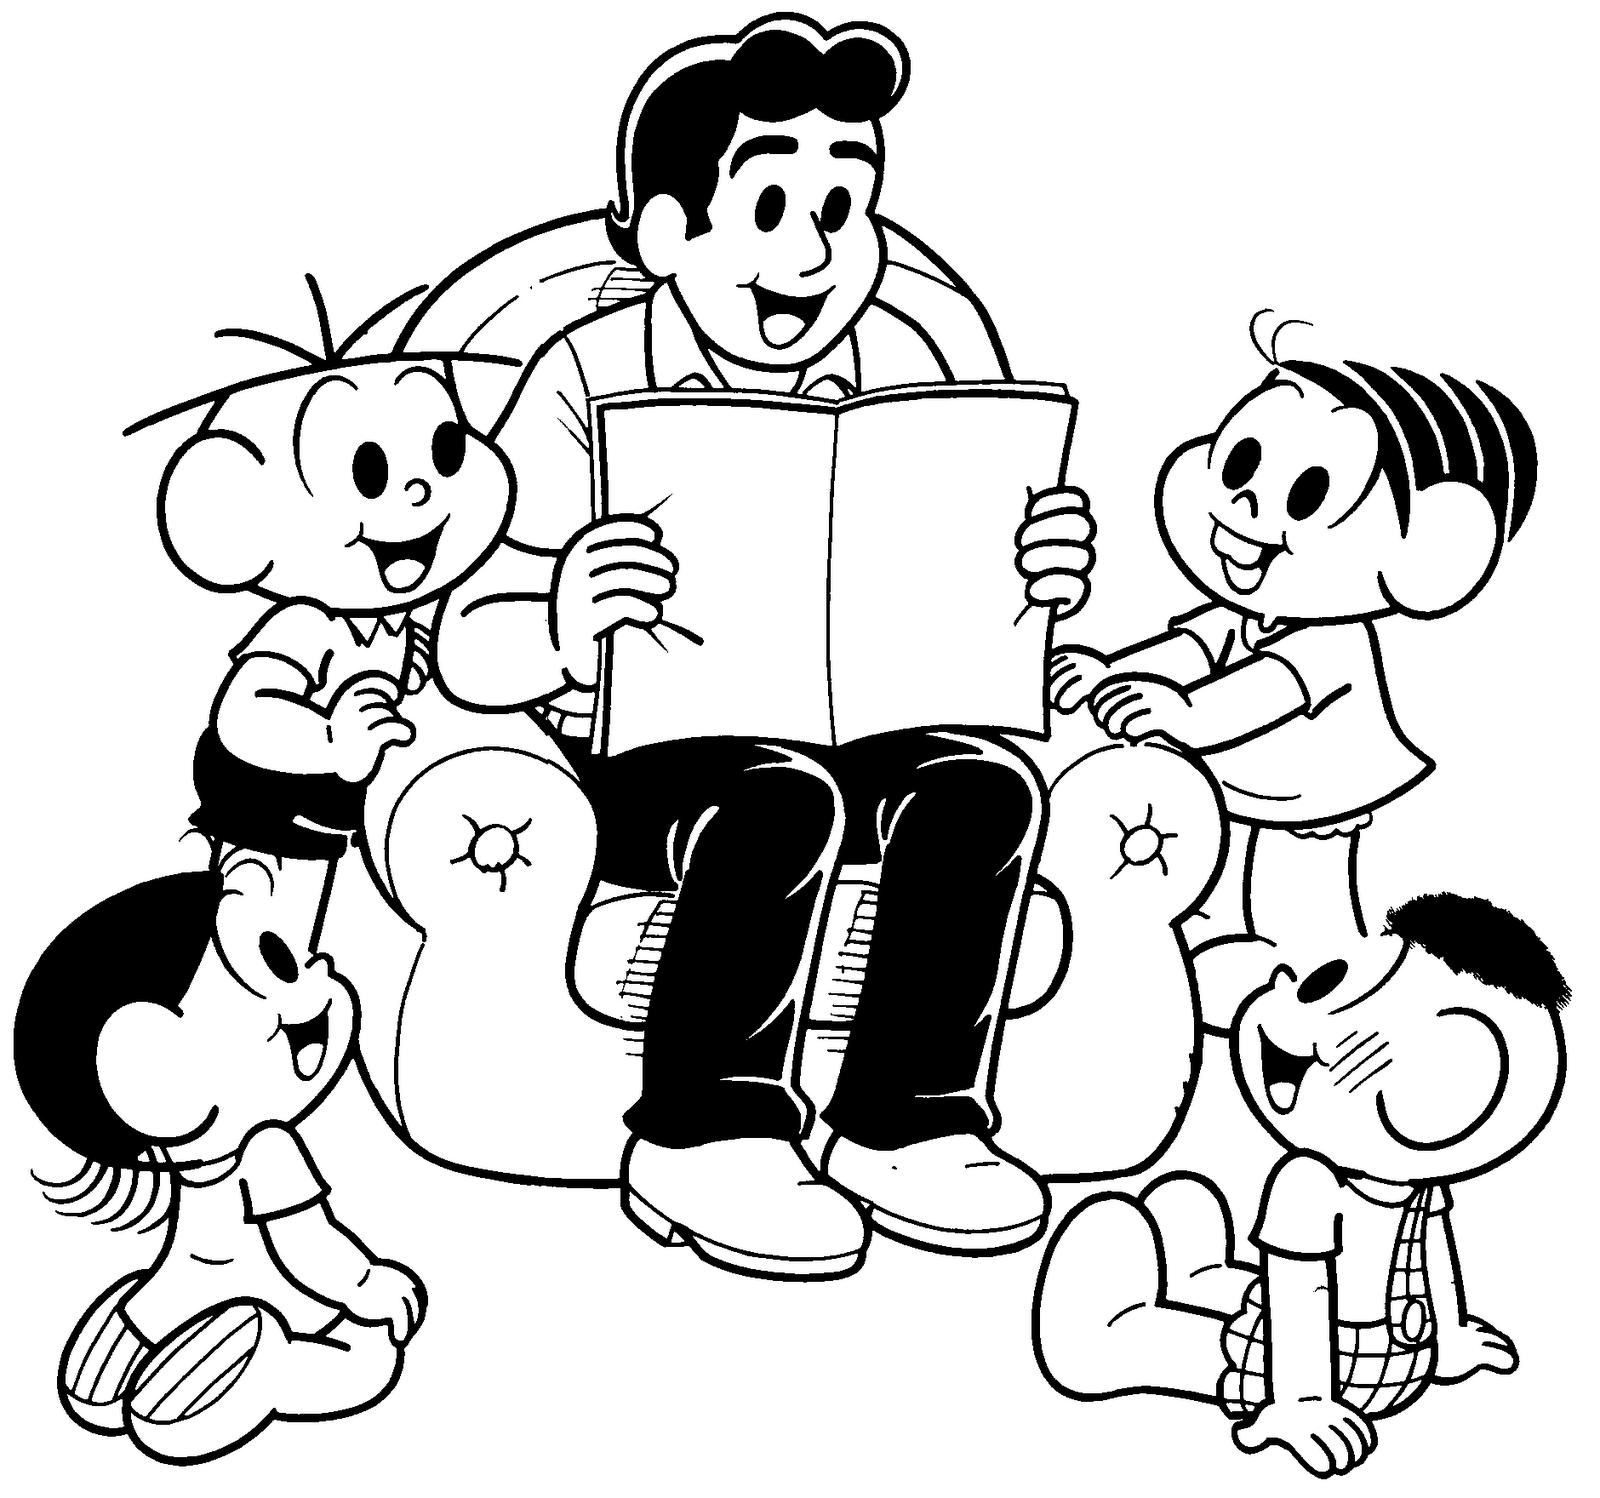 Desenho Da Turma Da Mônica No Dia Dos Pais Para Colorir